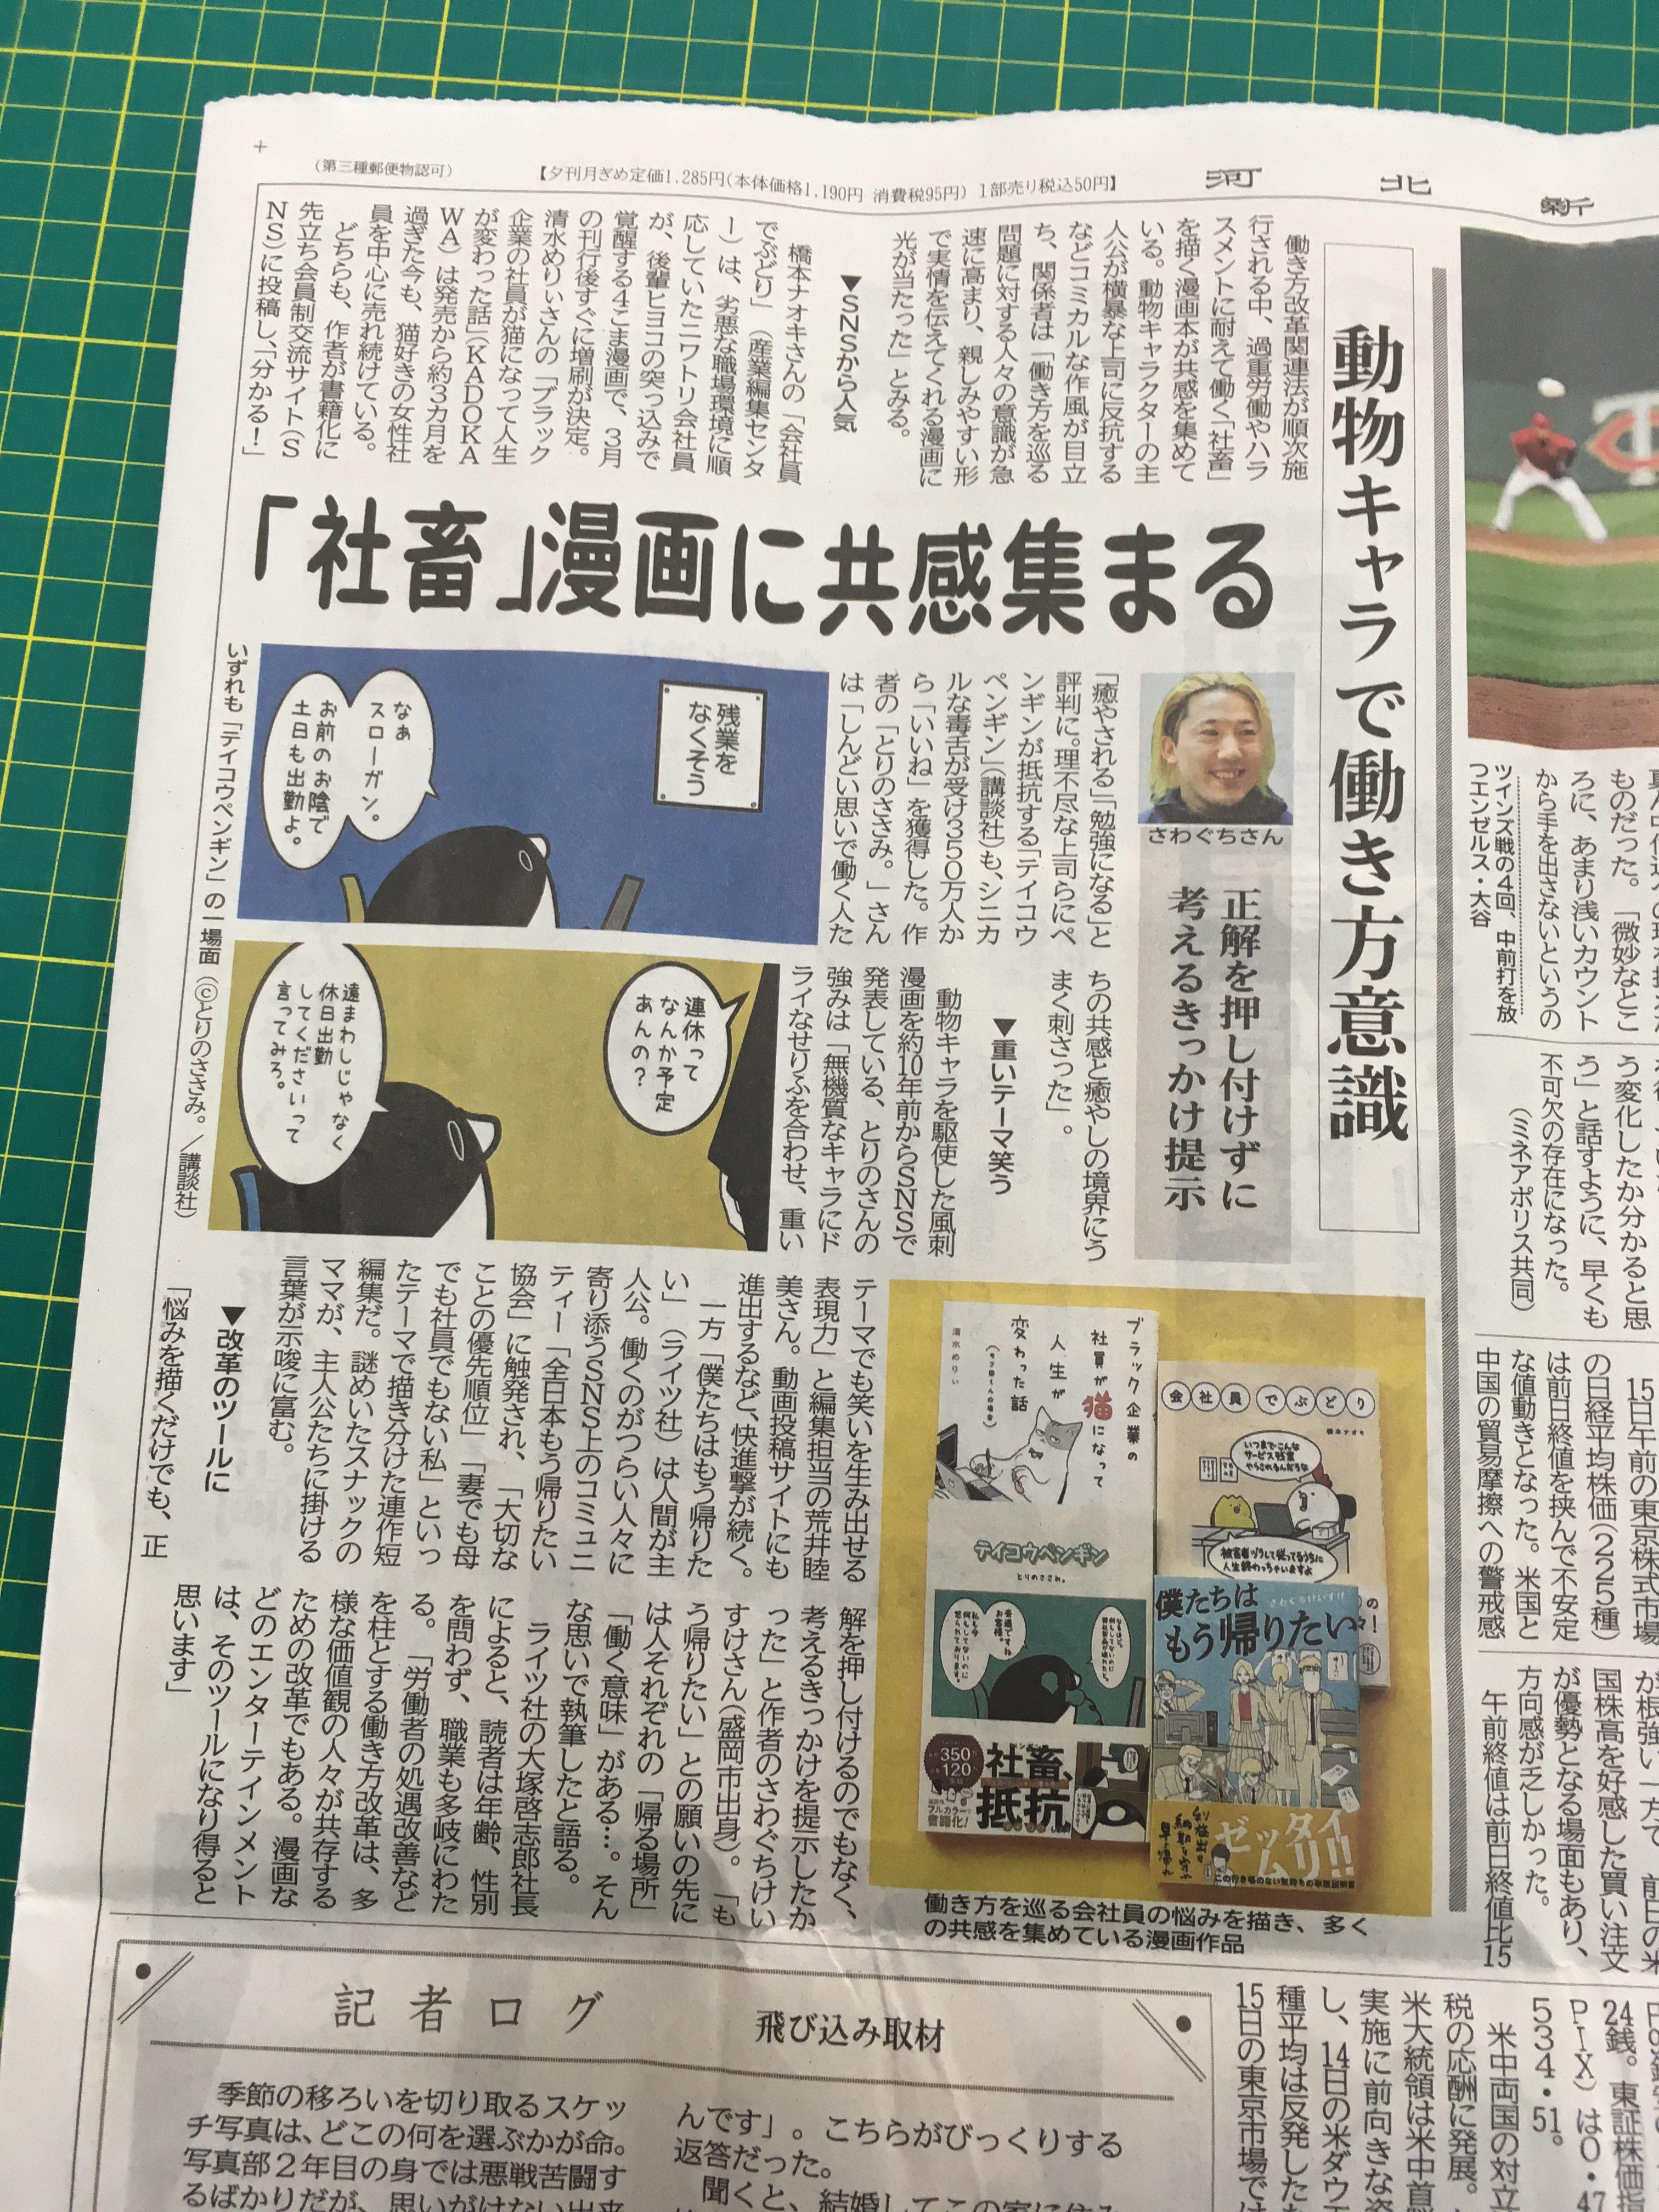 「河北新報に『僕たちはもう帰りたい』が紹介されました!」記事アイキャッチ画像